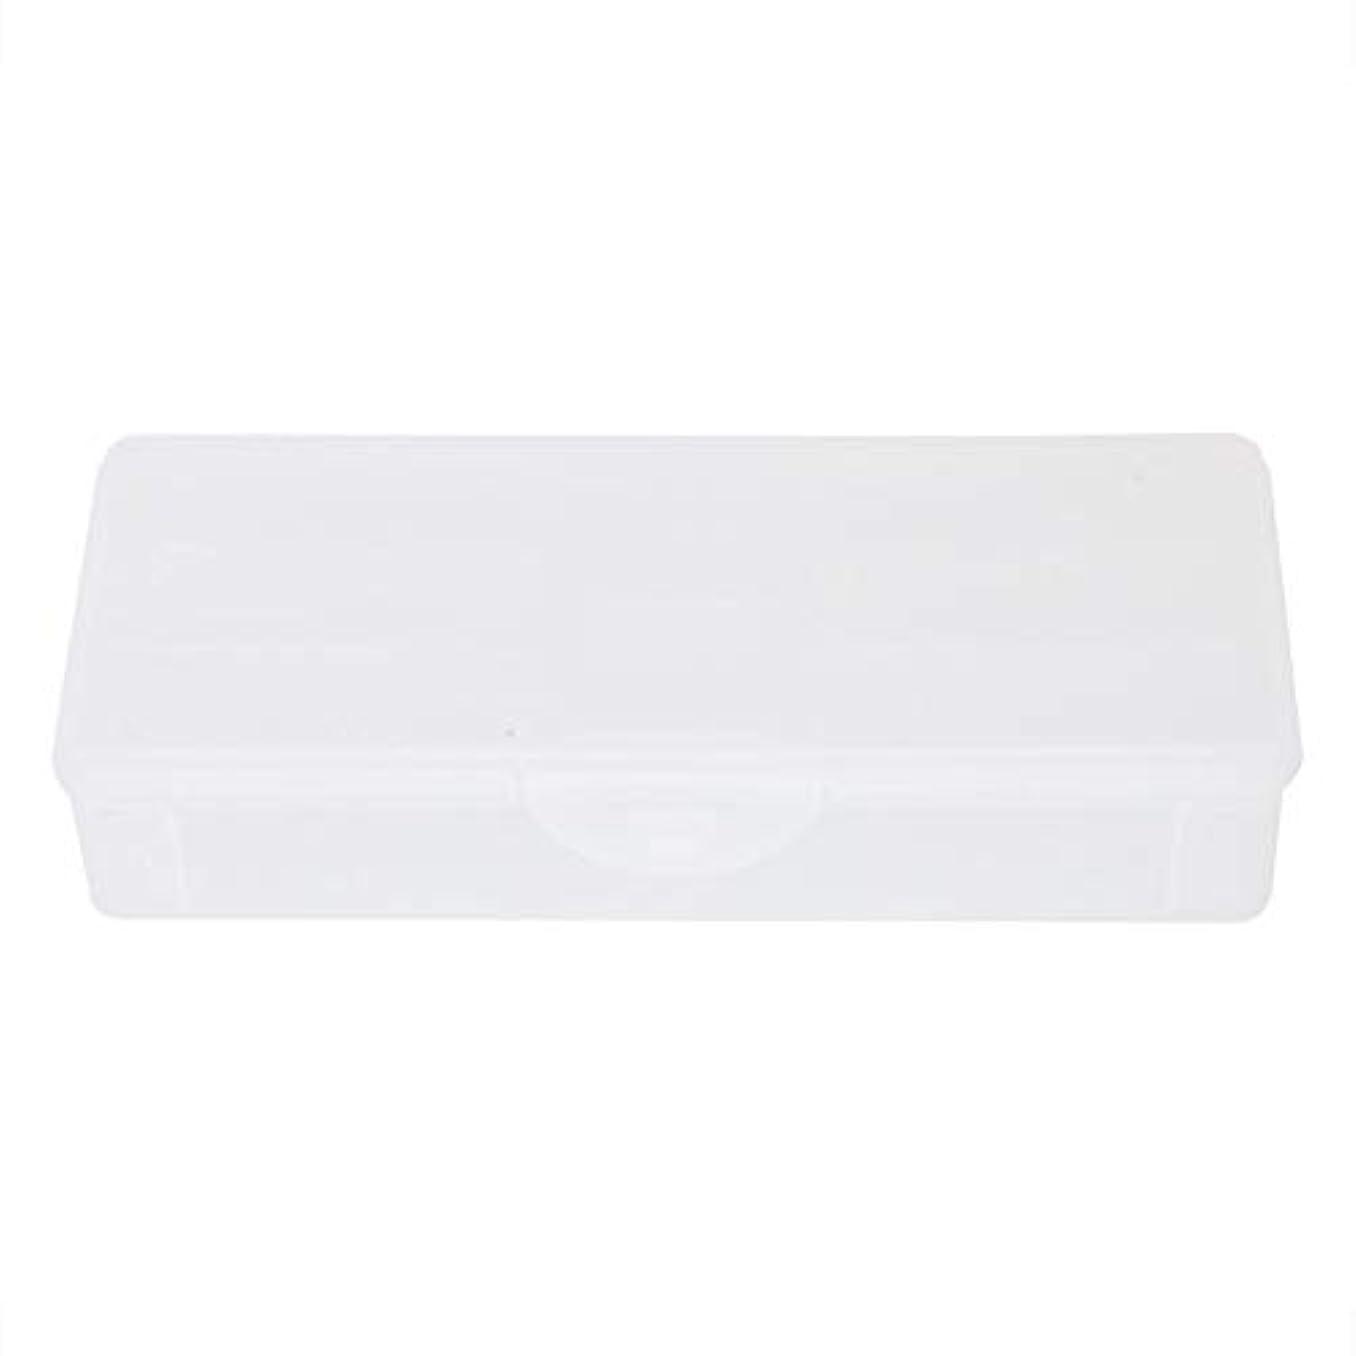 承認程度粒ポータブルプラスチック透明二重層マニキュアネイルツール-空の収納ボックスケースコンテナオーガナイザー